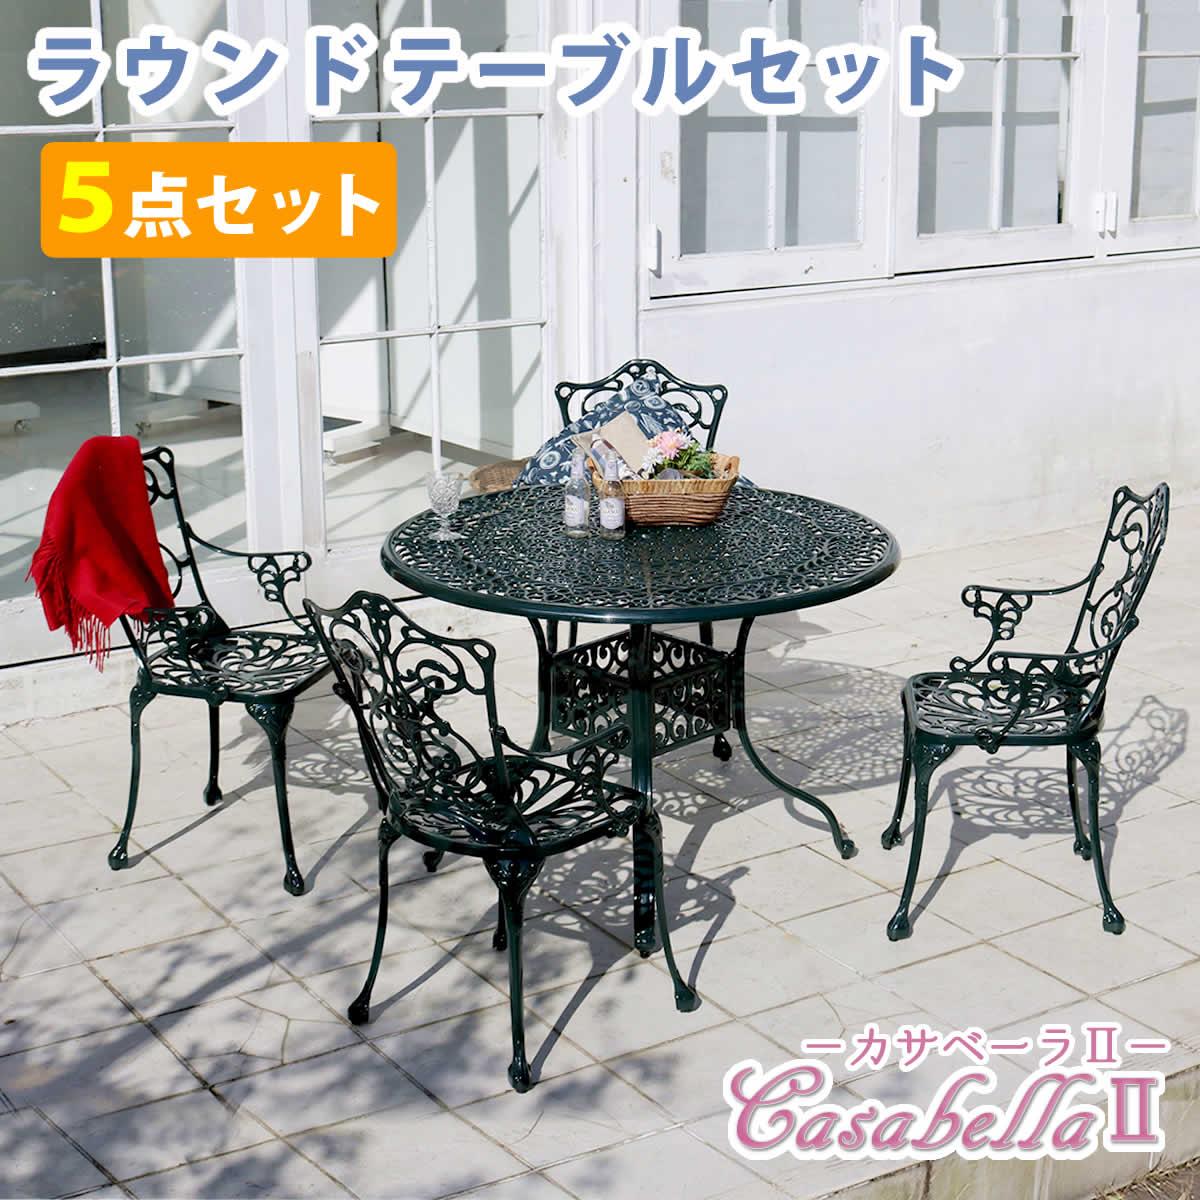 カサベーラ2 ラウンドテーブル5点セット送料無料 簡単組立 ガーデンテーブル ダークグリーン テラス 庭 ウッドデッキ アルミ アンティーク クラシカル イングリッシュガーデン ファニチャー シンプル 北欧 インテリア 家具 ガーデン チェア